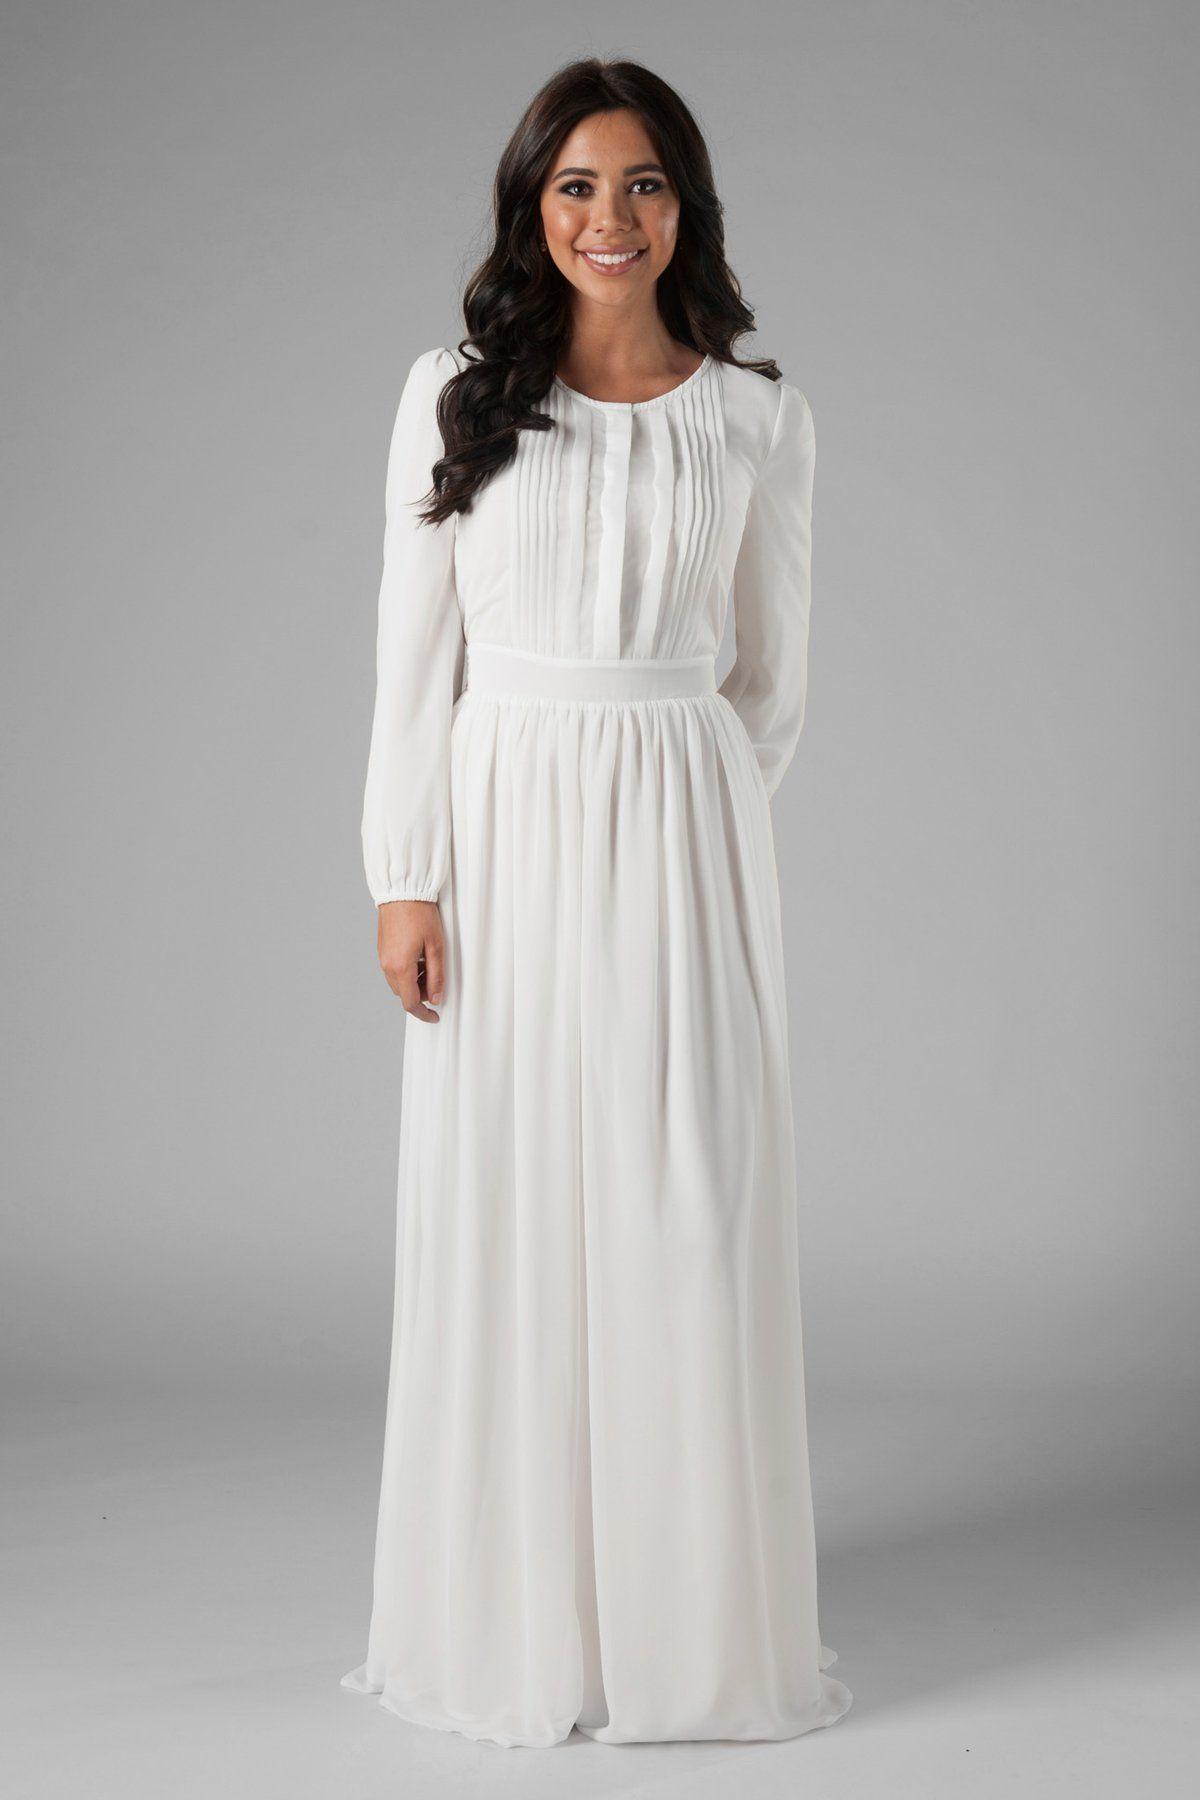 Rome Final Sale Temple Dress Lds Temple Dress Dresses [ 1800 x 1200 Pixel ]